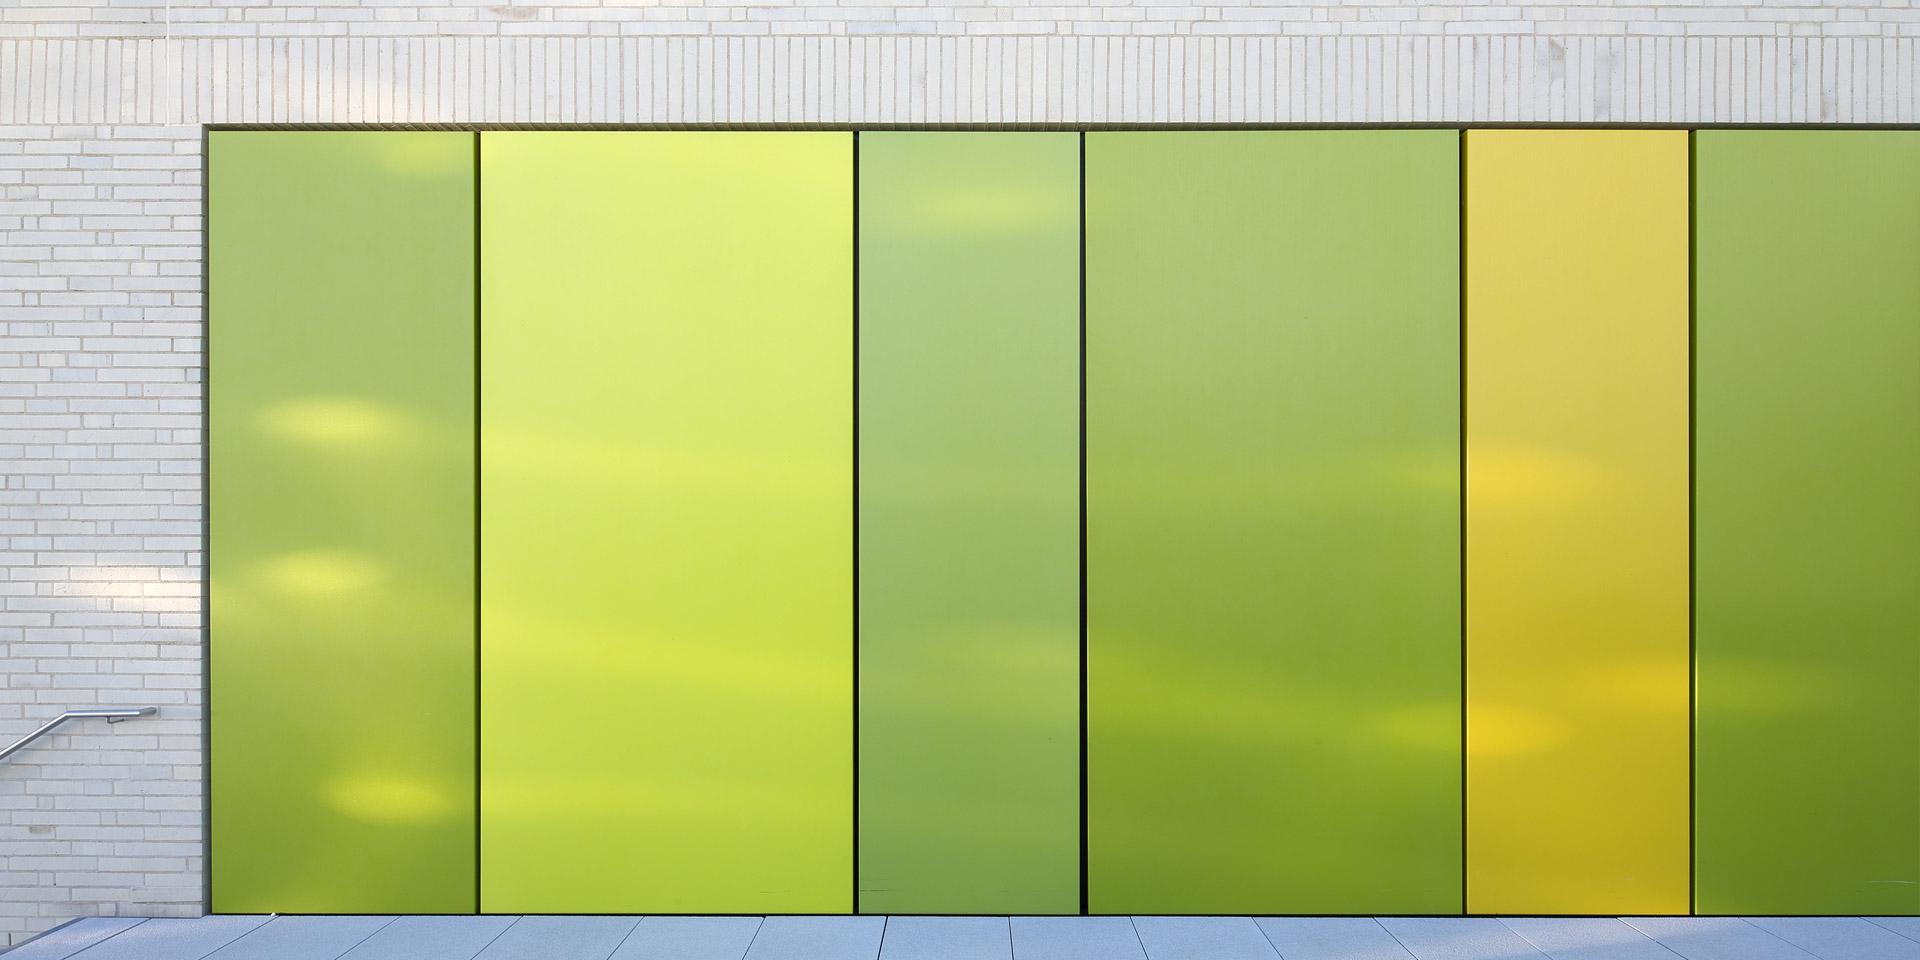 Detail des Gymnasiums in Trudering von felix schürmann ellen dettinger architekten mit farbintensiven grünen und gelben Fassadenblechen.